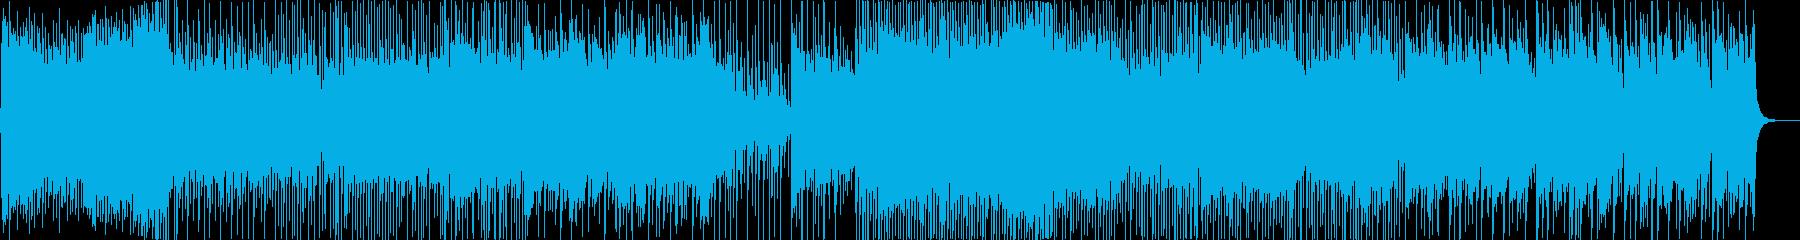 クールで近未来EDM和風ダブステップ2Sの再生済みの波形